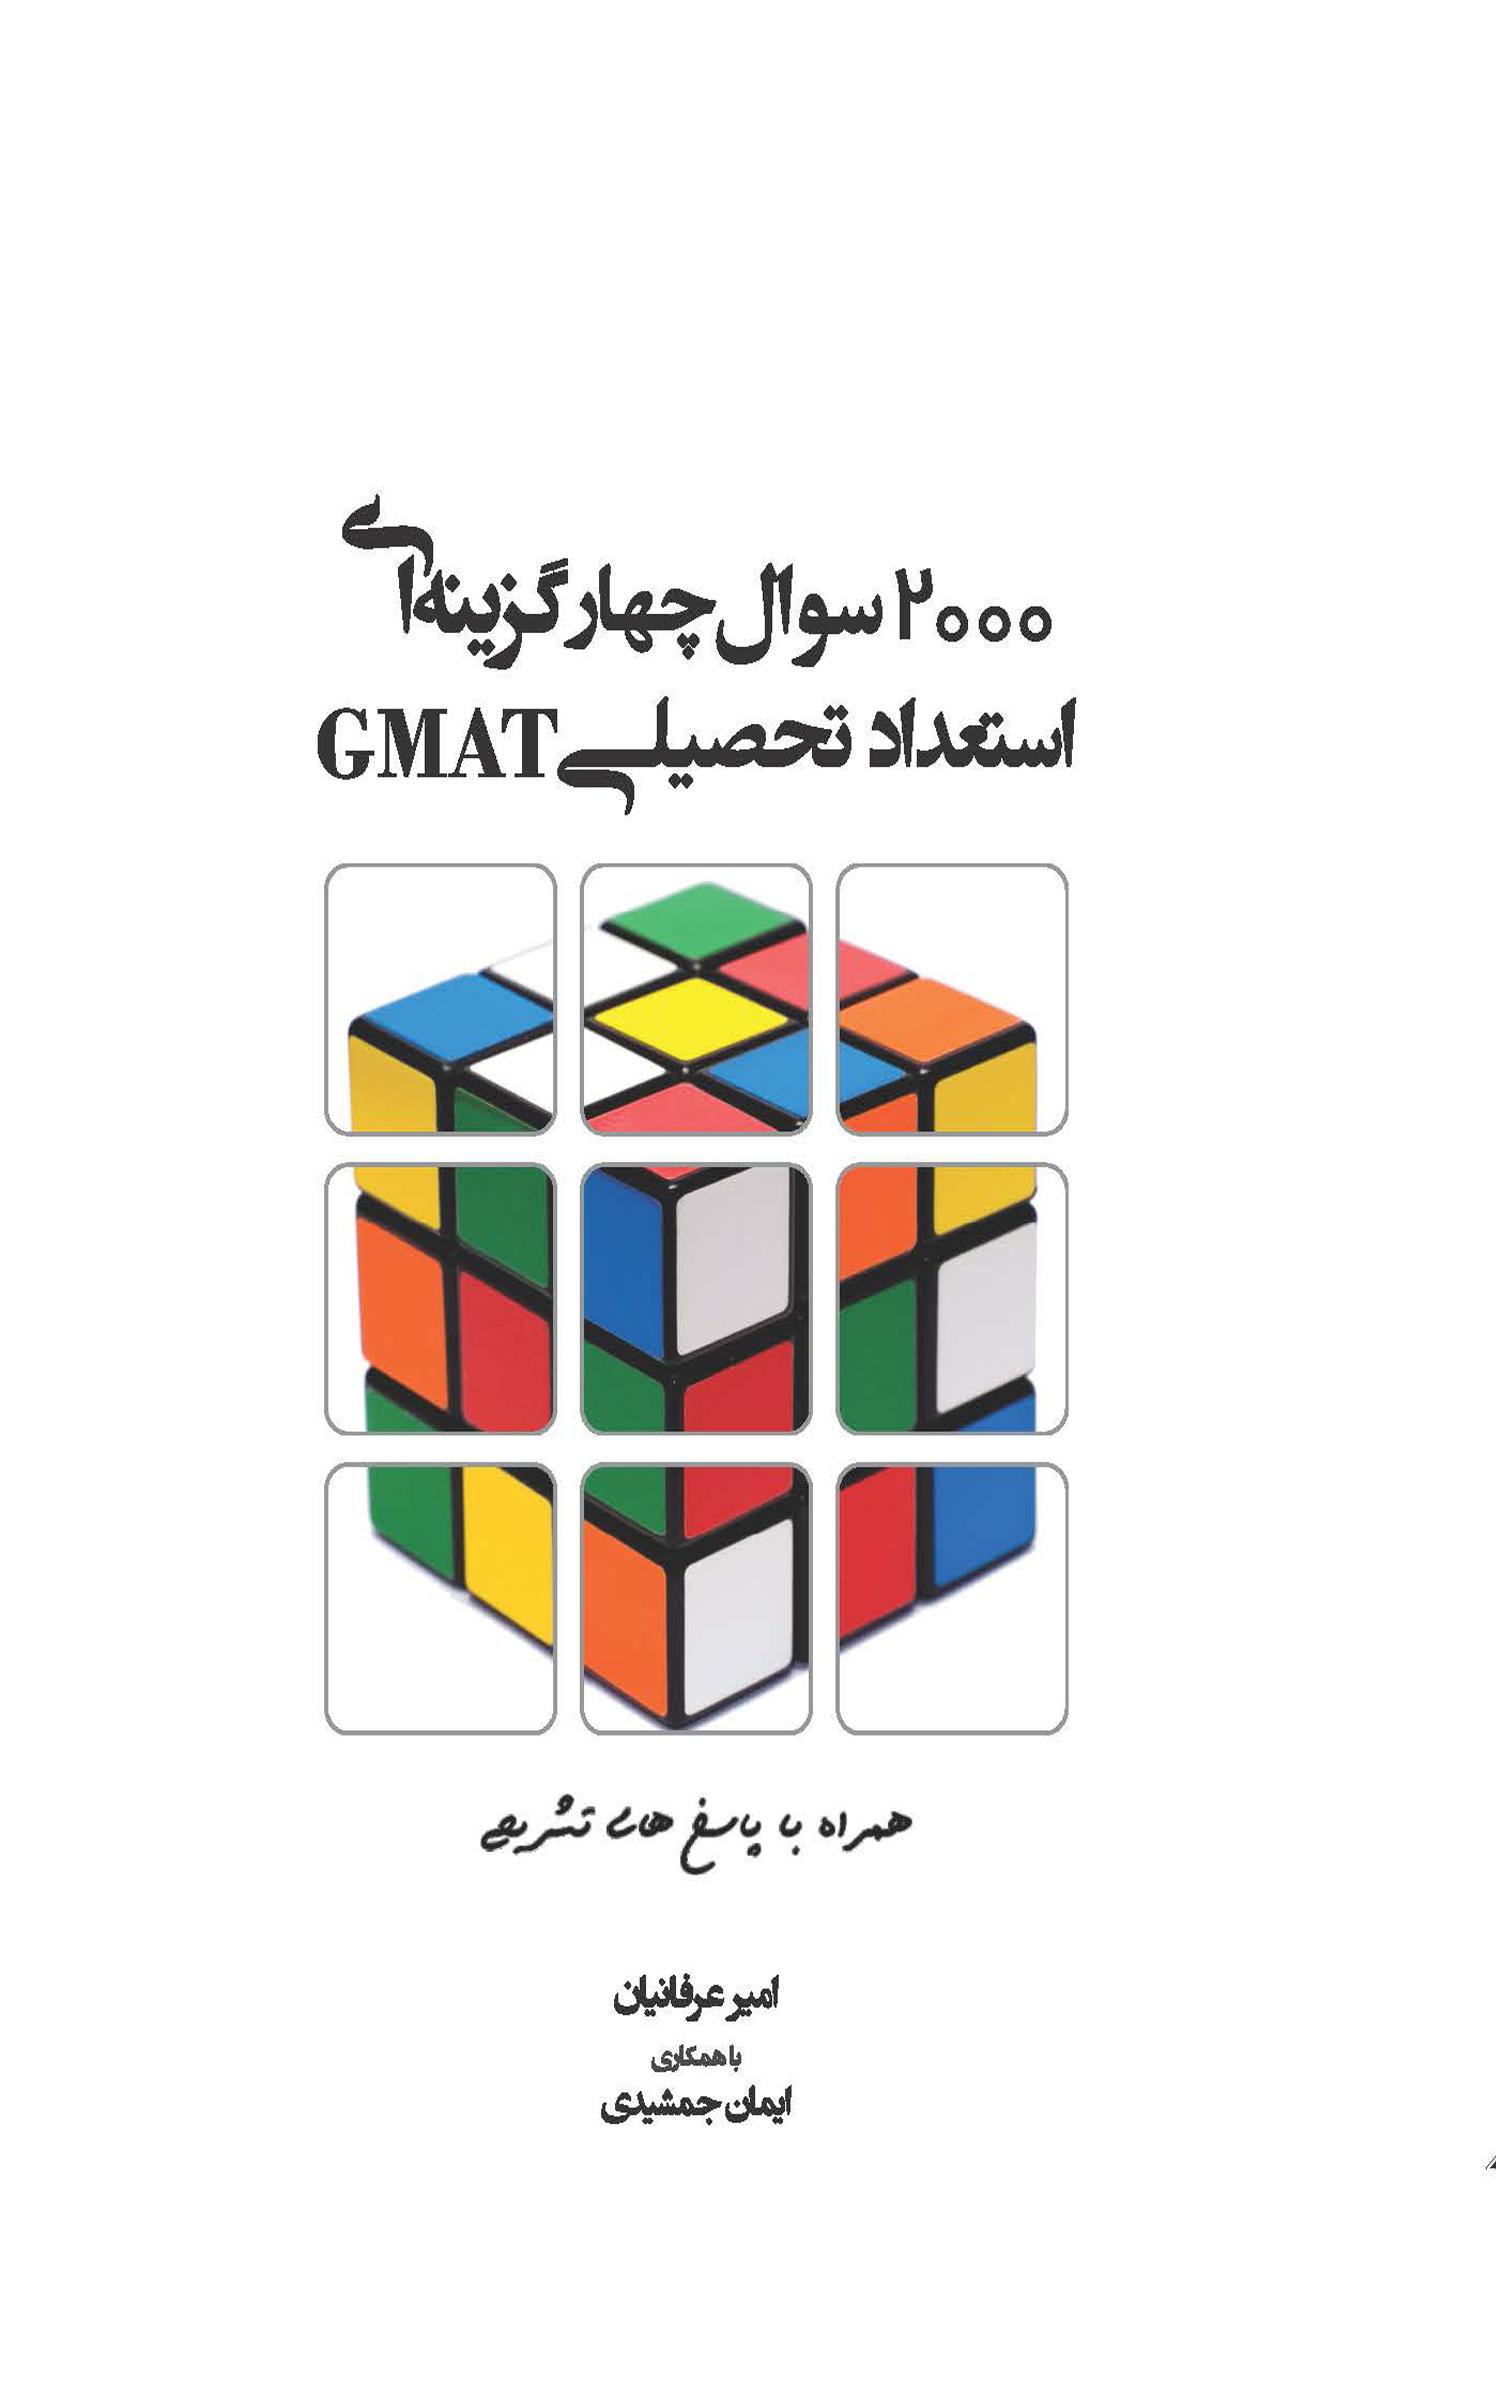 2000 سوال چهار گزینه ای استعداد تحصیلی GMAT